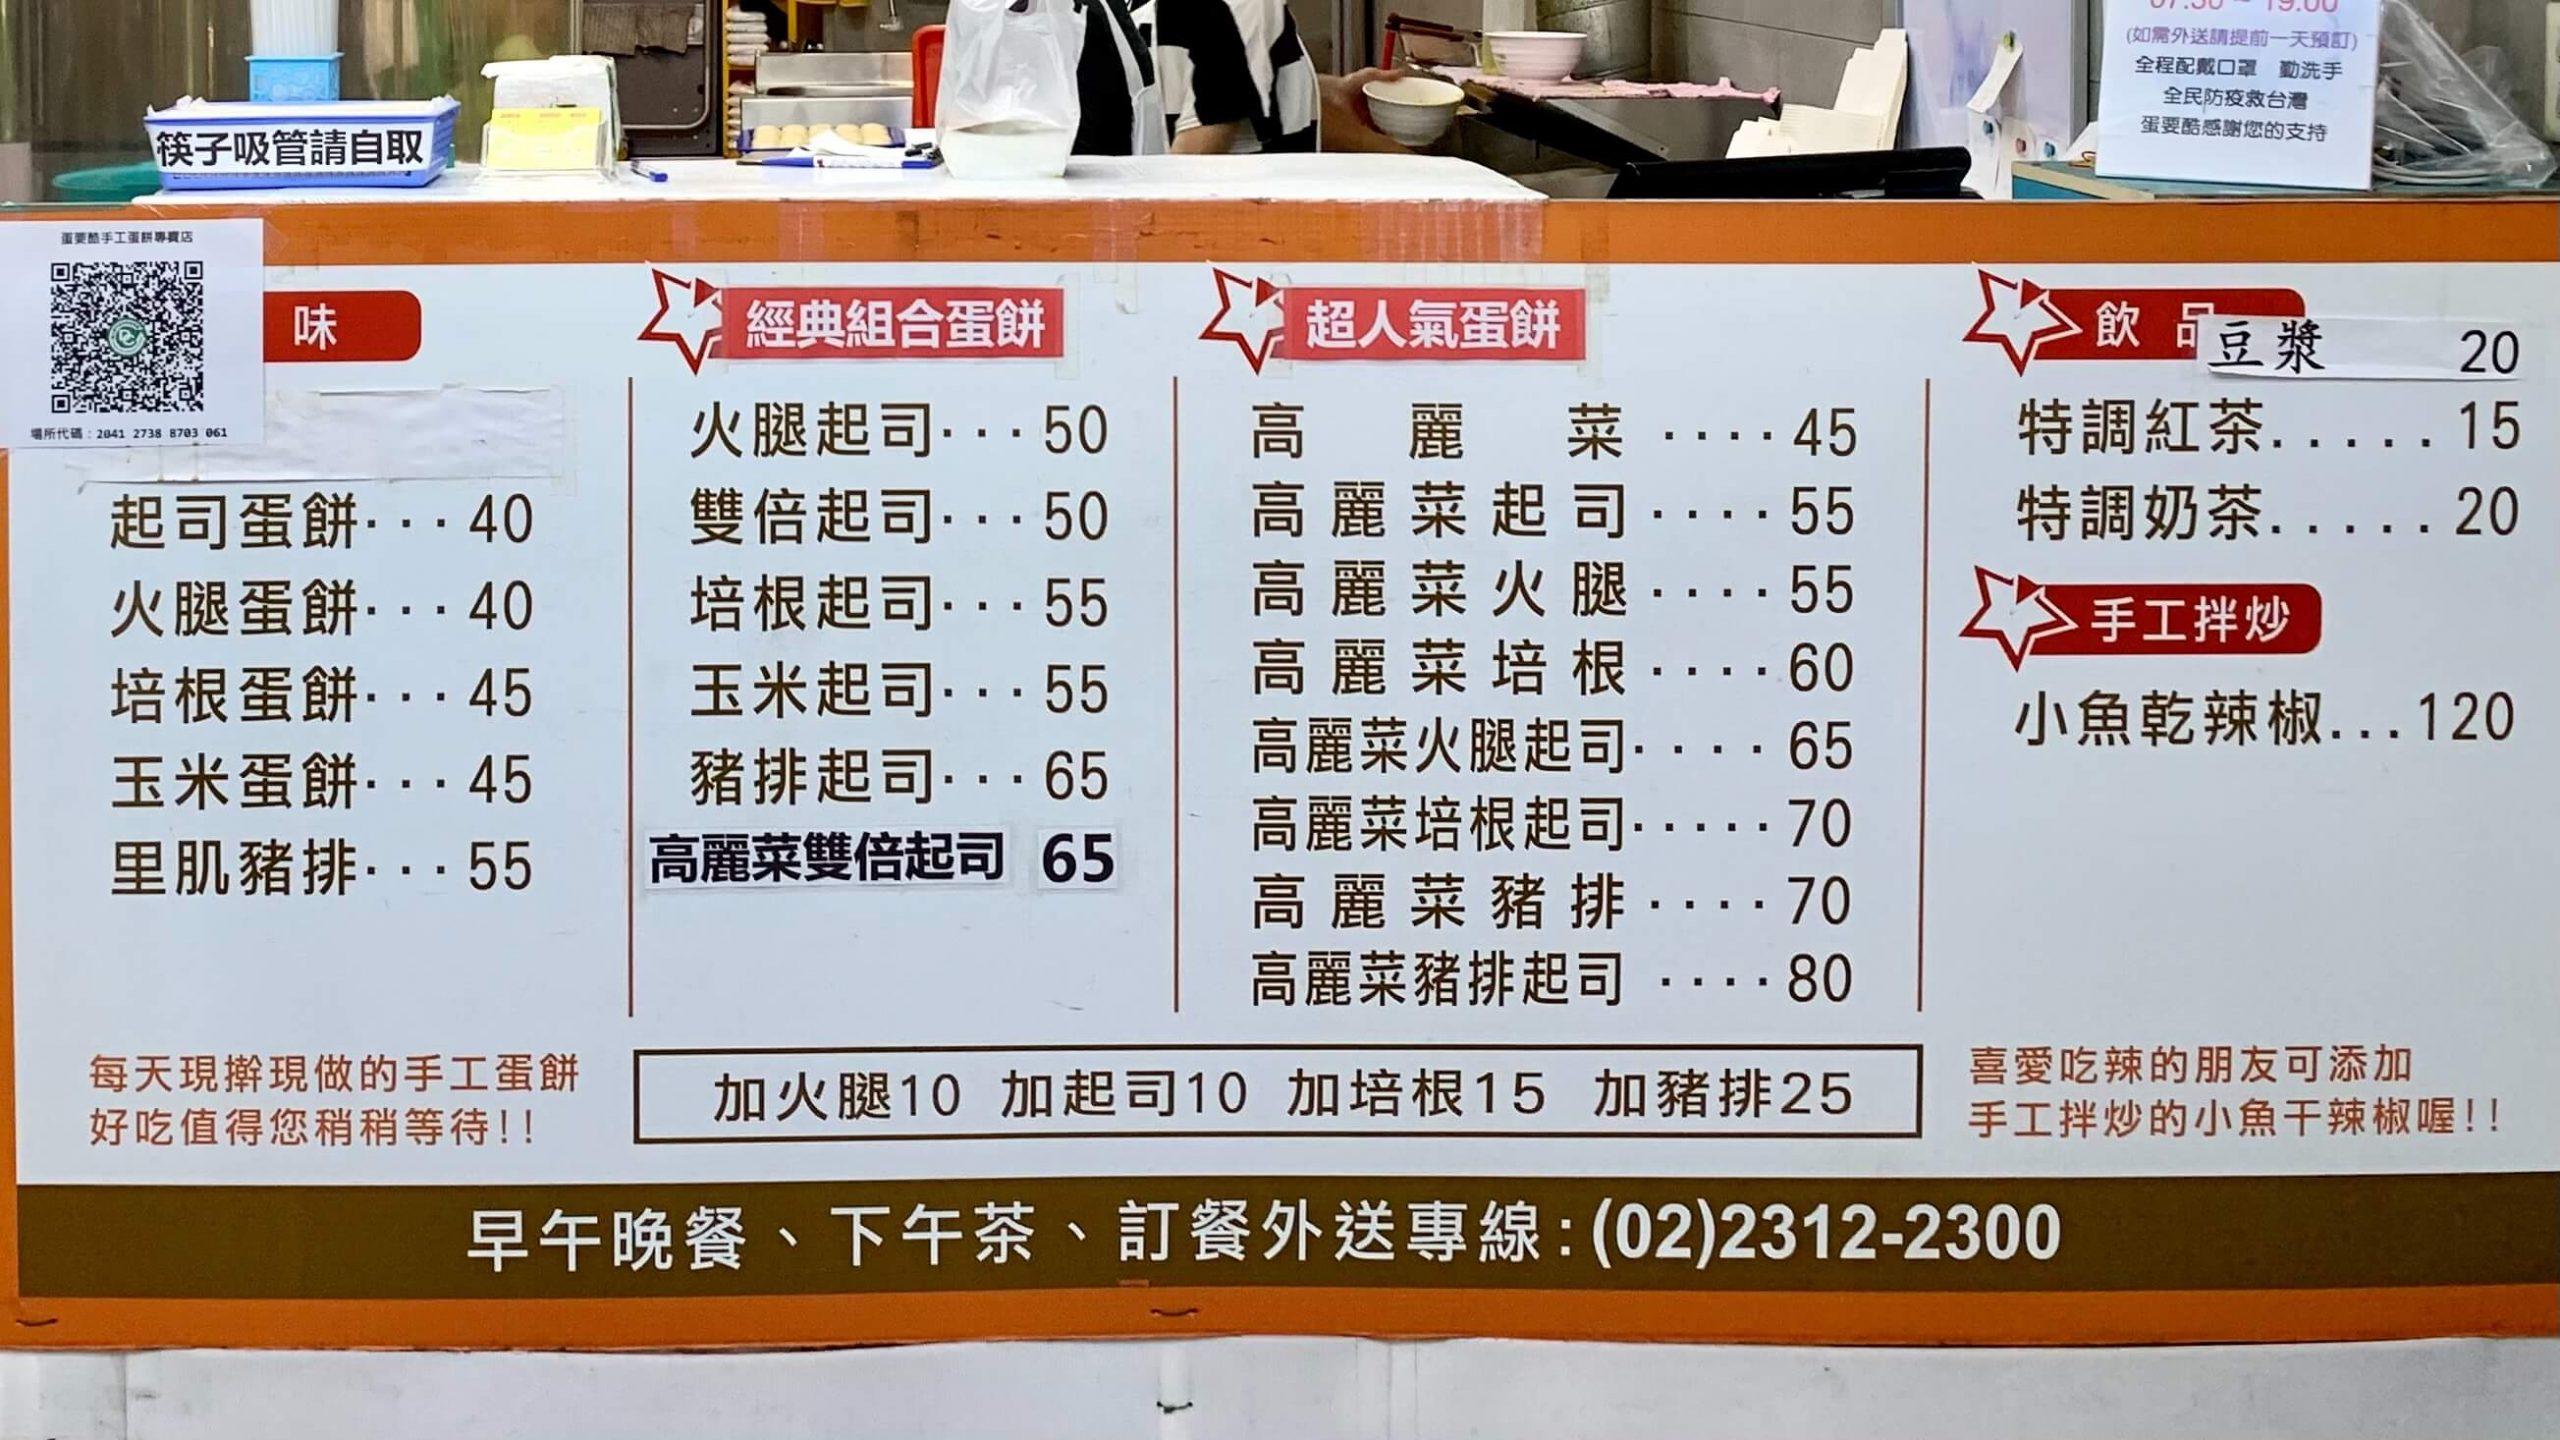 蛋要酷手工蛋餅專賣店菜單MENU